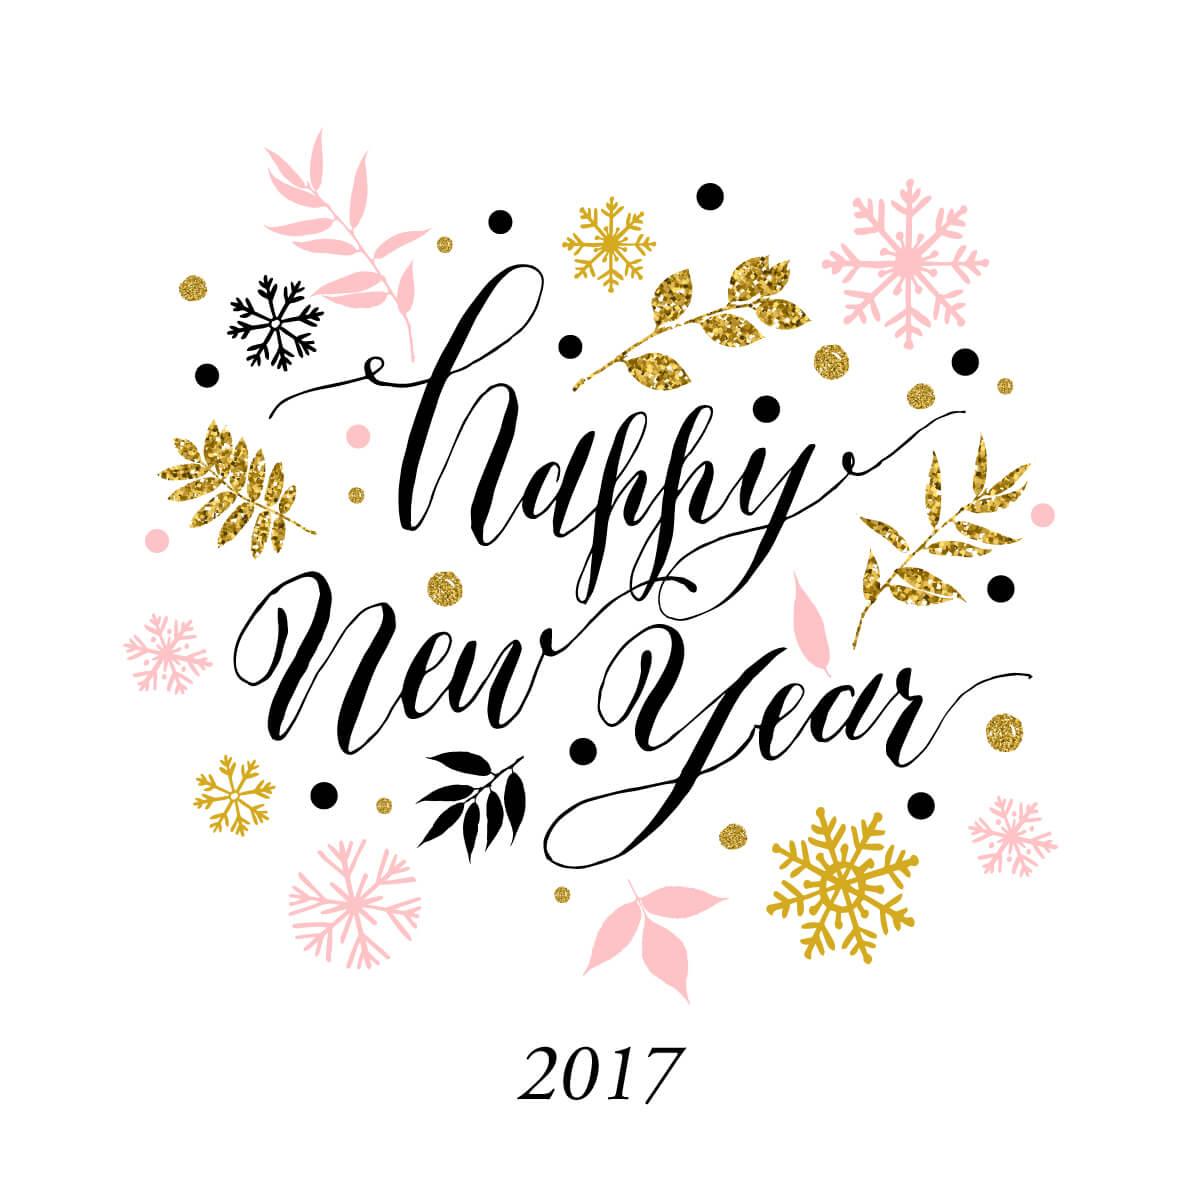 【謹賀新年 2017】新年のご挨拶